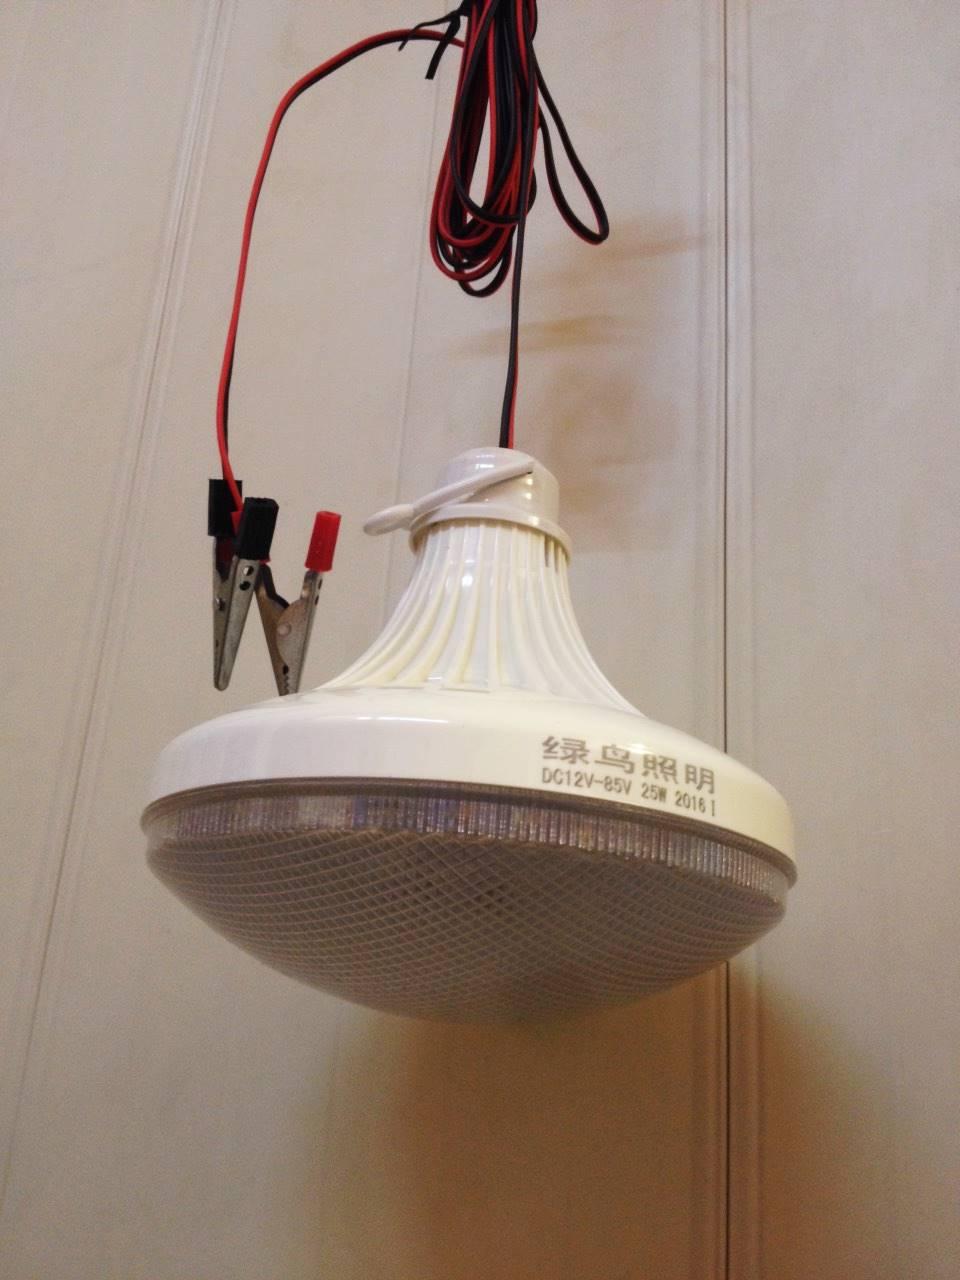 ไฟพกพา LED 7w 12v 1